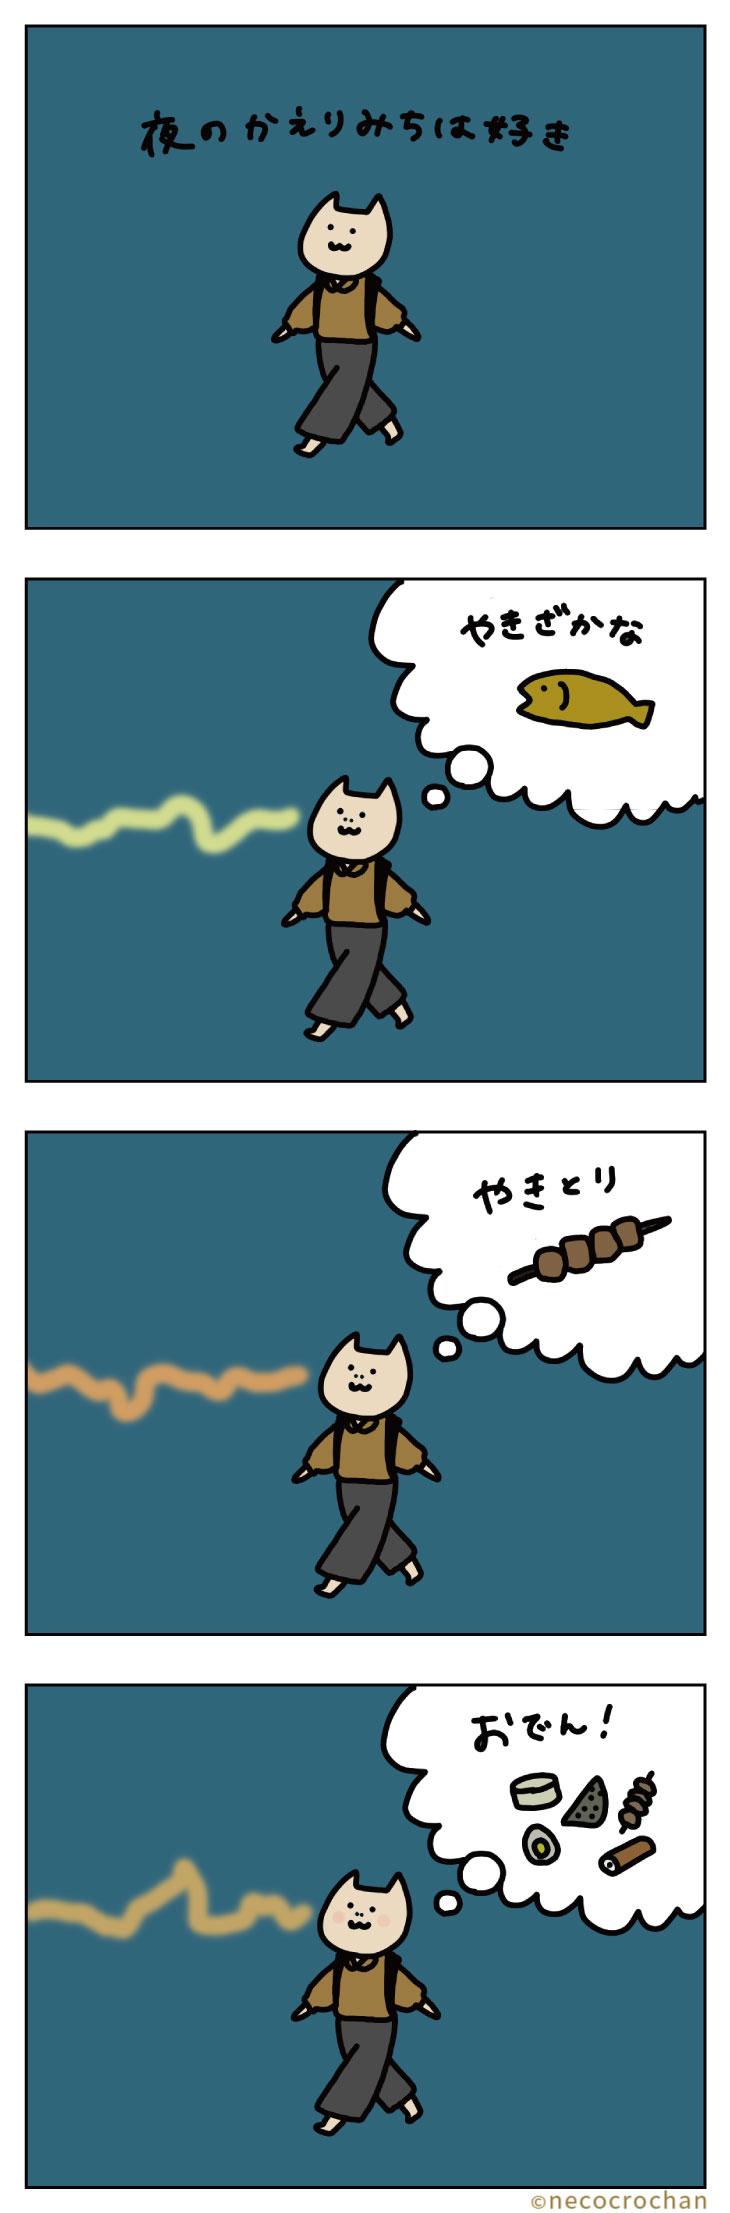 4コマ漫画ねこくろにっき「かえりみち」